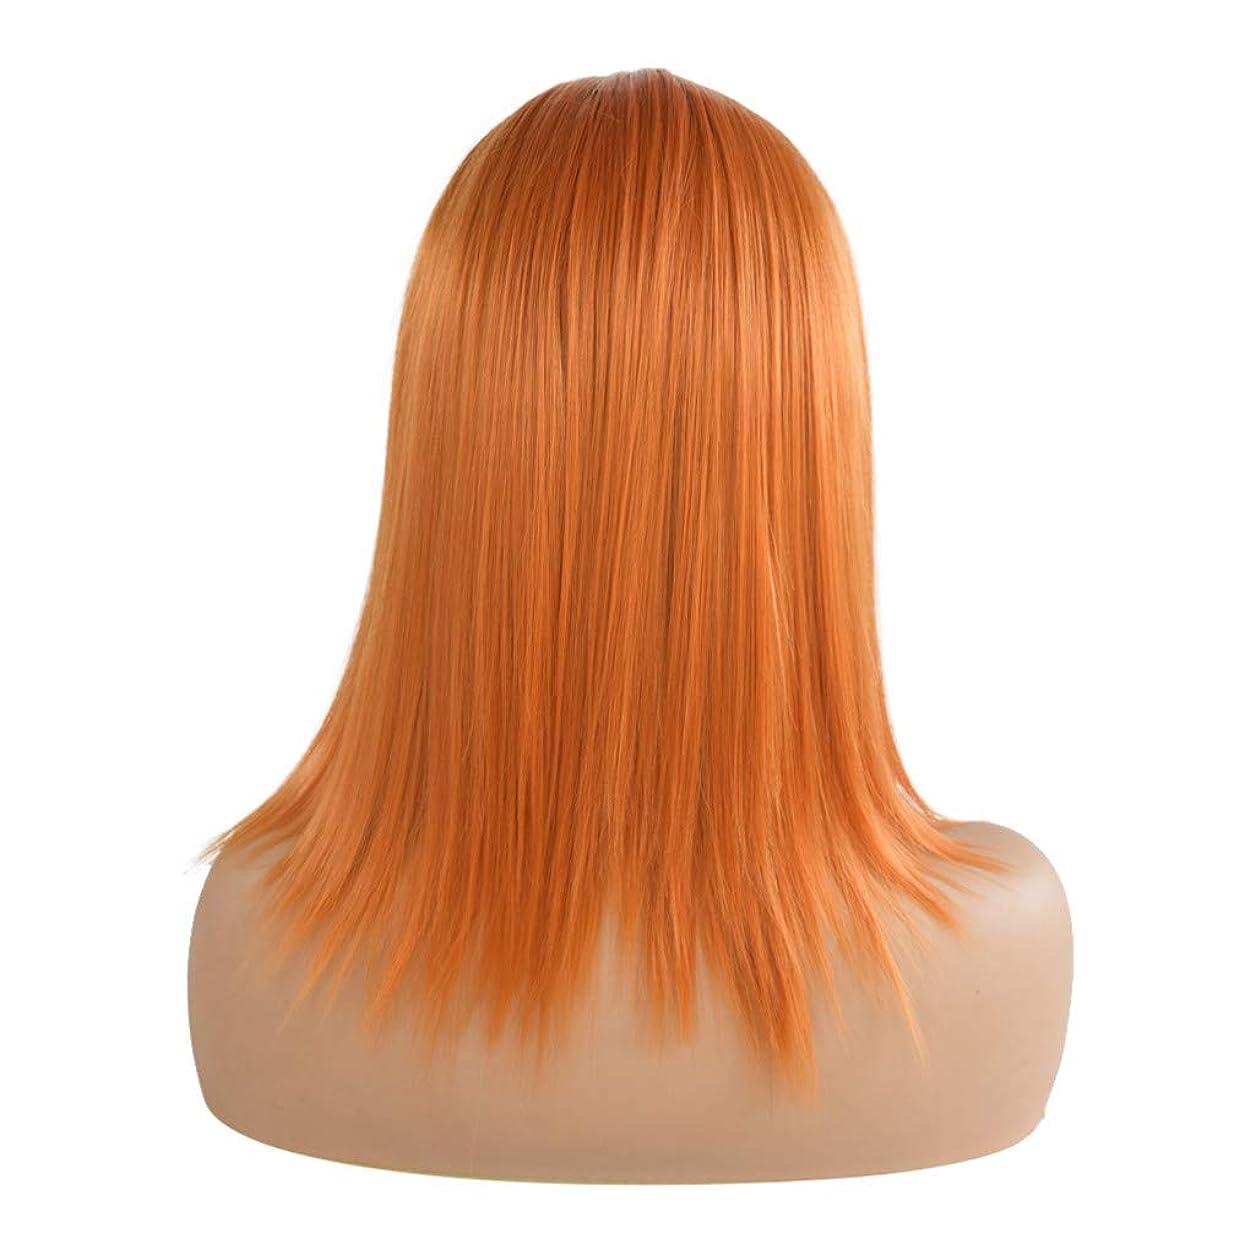 エイリアス目を覚ますロック解除ウィッグオレンジショートストレートヘアフロントレースファッションウィッグ18インチ